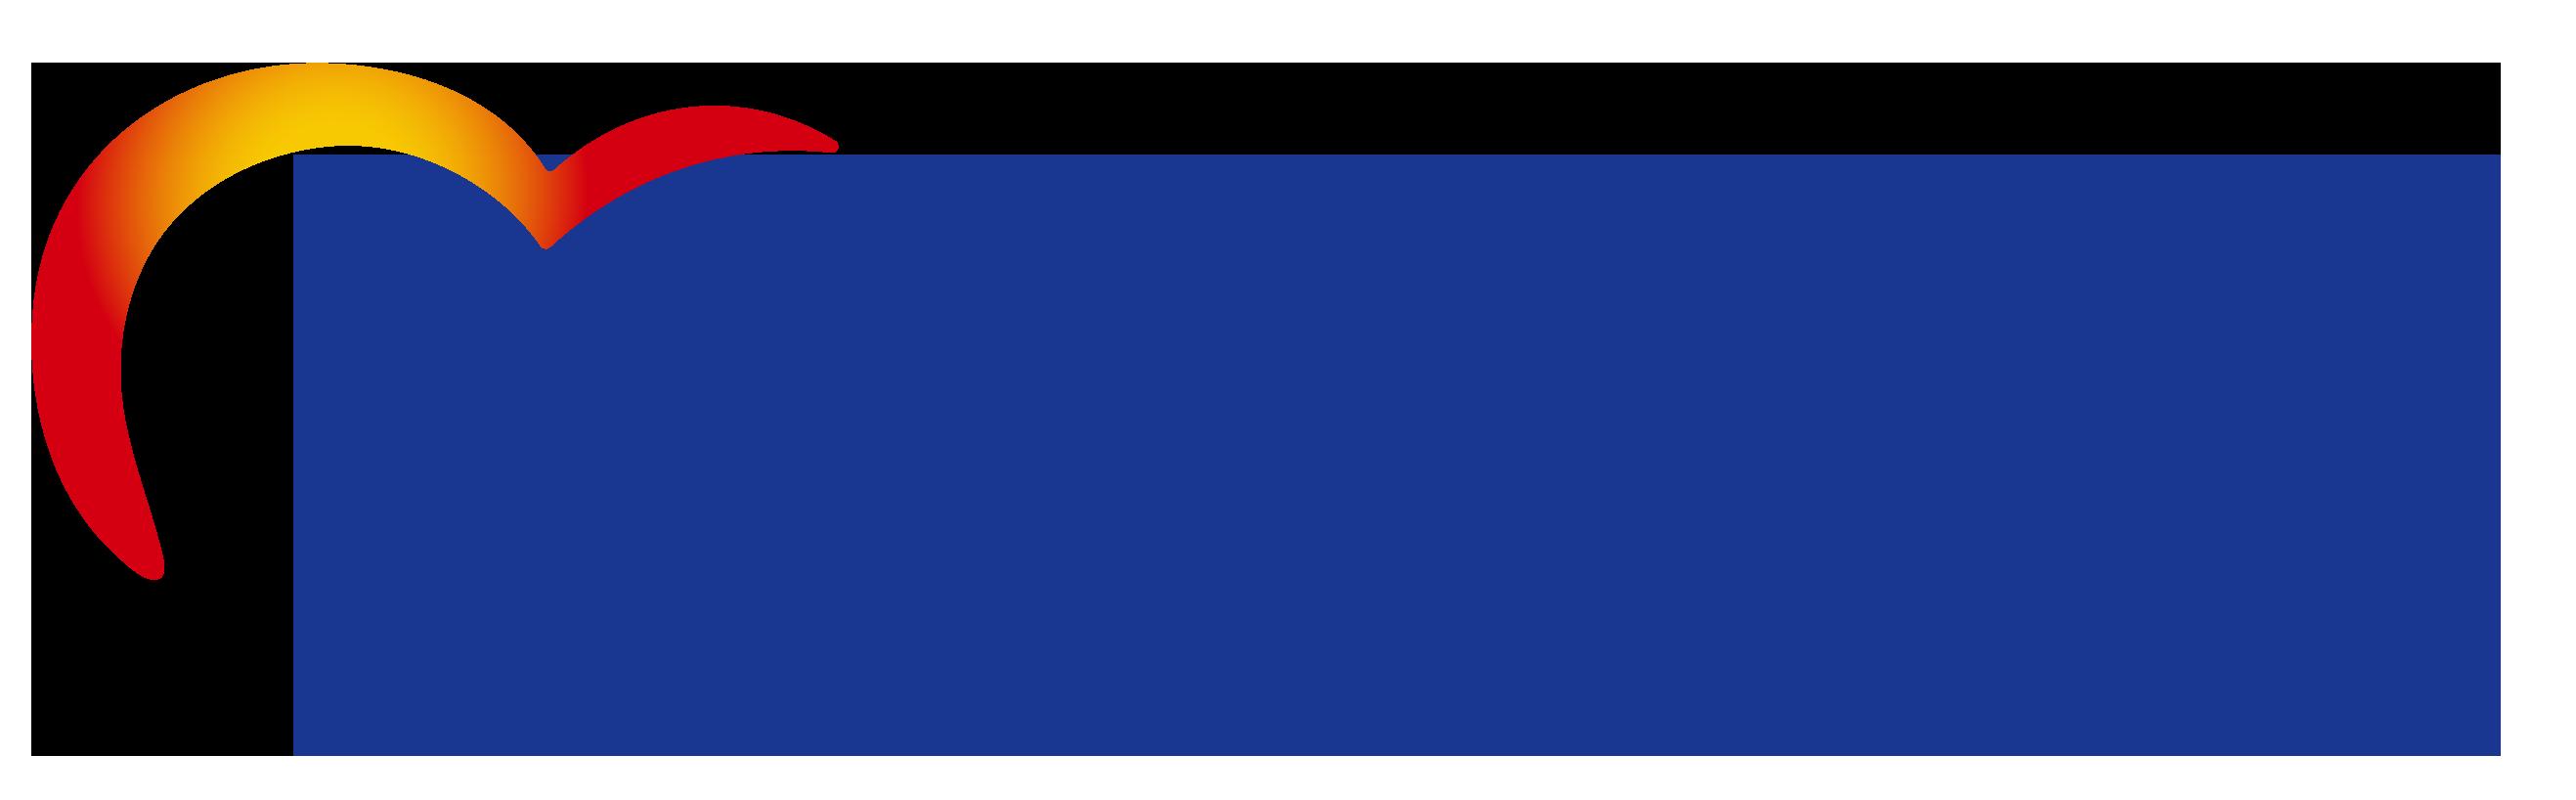 [XIII Legislatura] Elección de la Mesa - Página 2 Logo